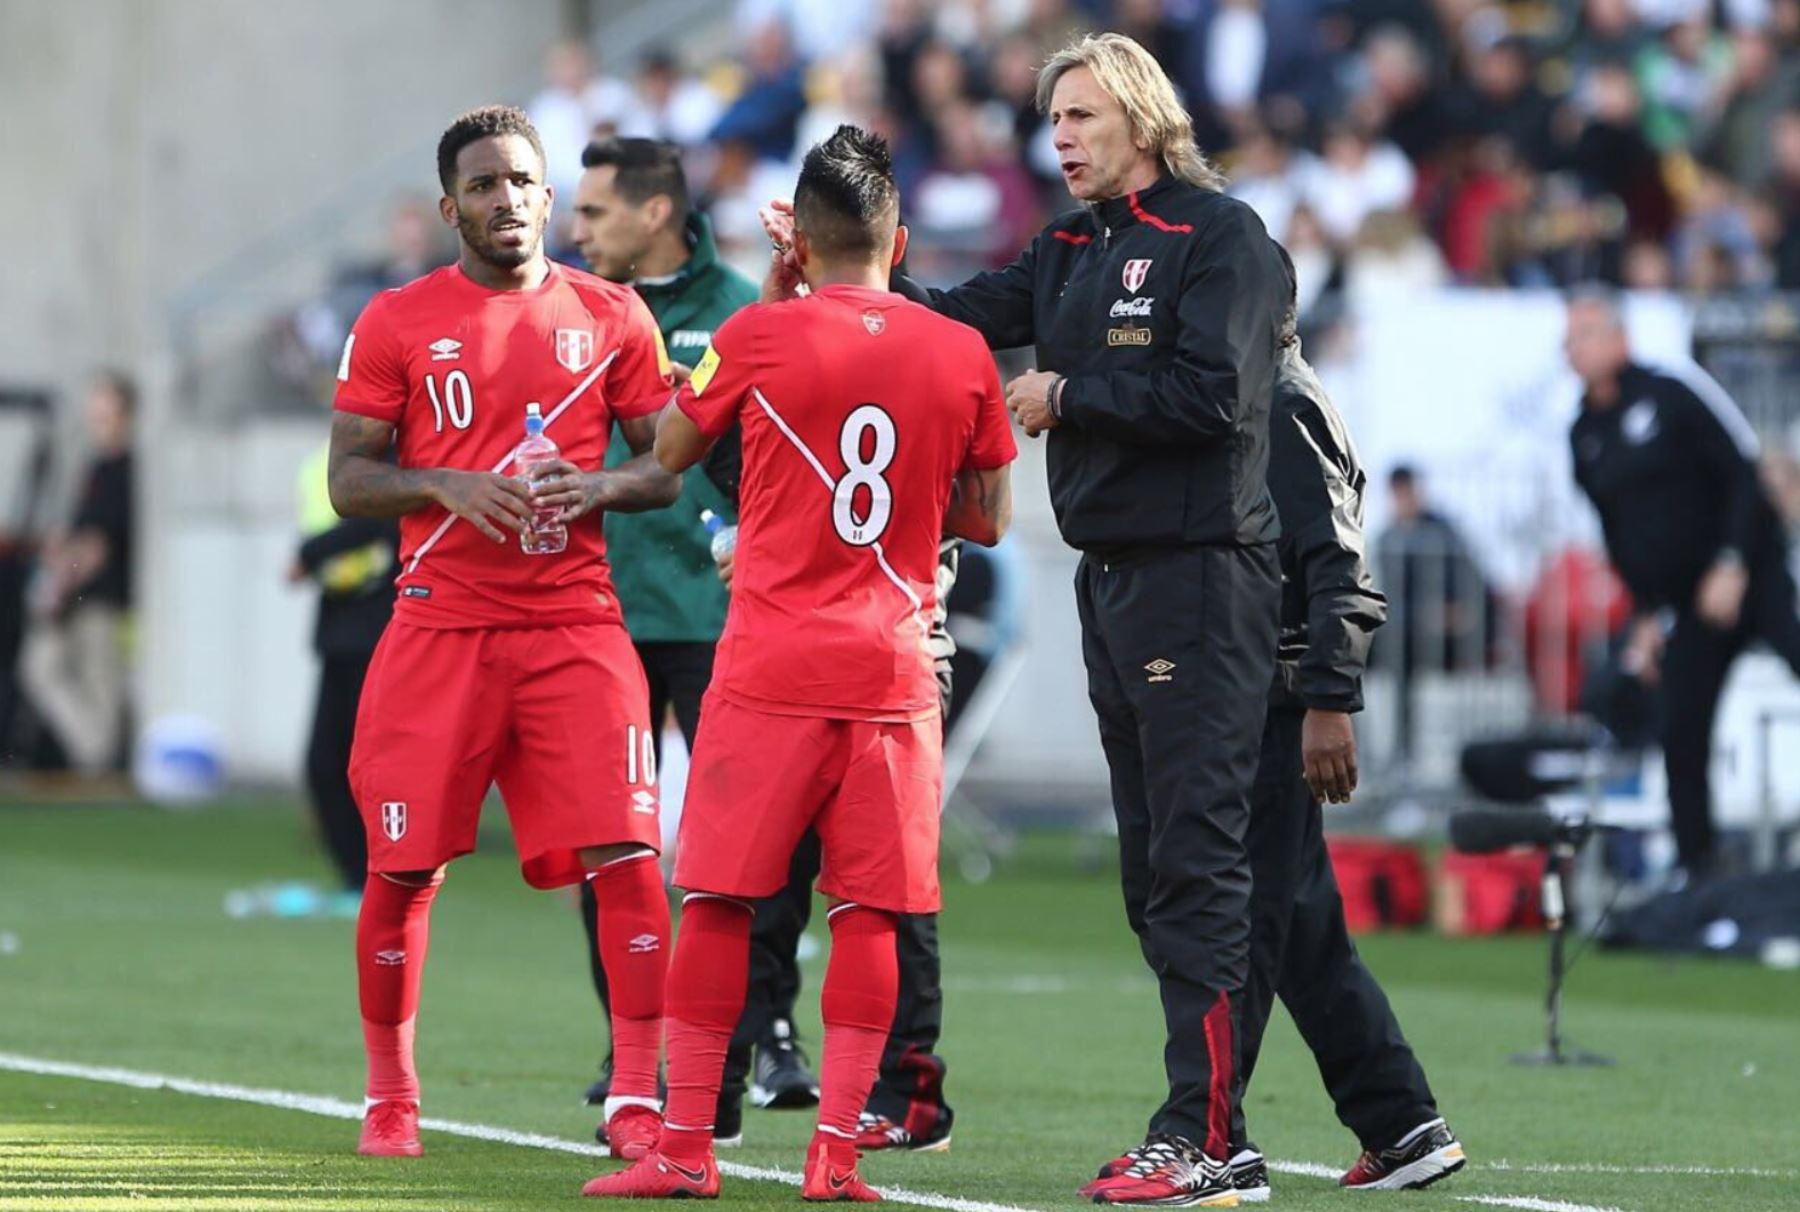 Fotografía de Ricardo Gareca, técnico de la selección peruana de fútbol.